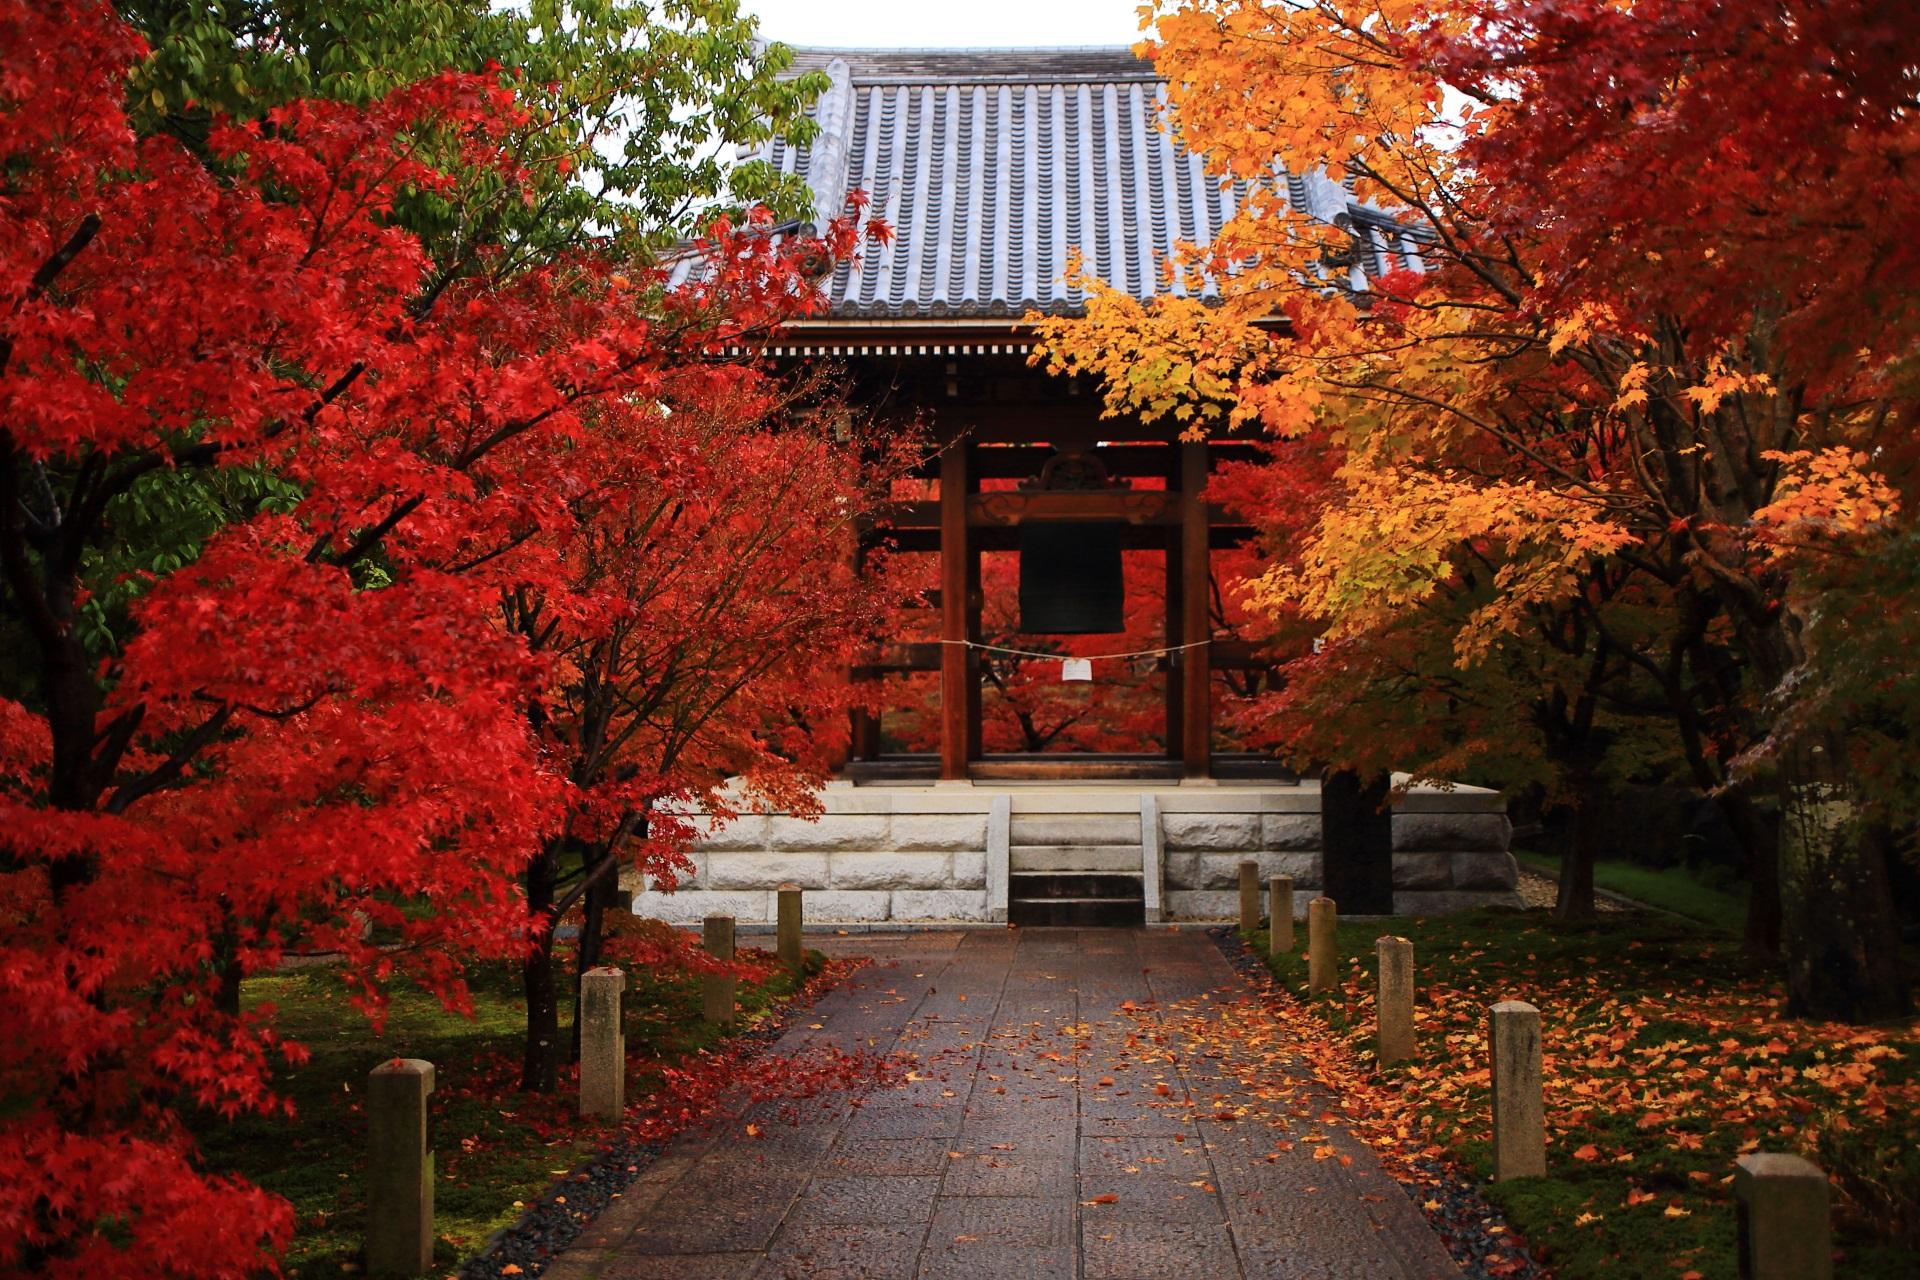 智積院の黄色い華やかな紅葉と赤い鮮やかな紅葉の綺麗なコントラスト